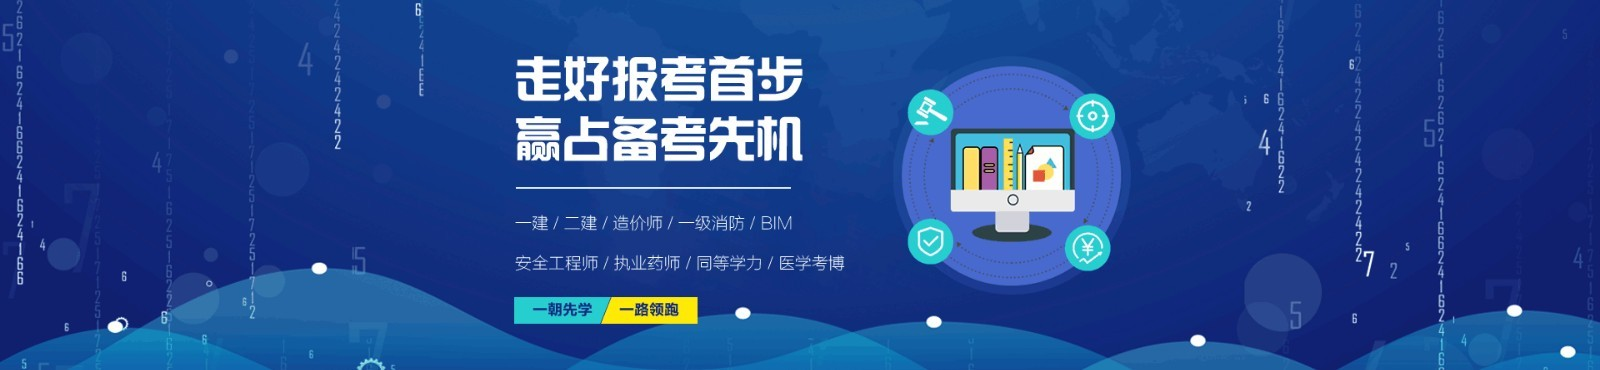 湘潭优路教育 横幅广告